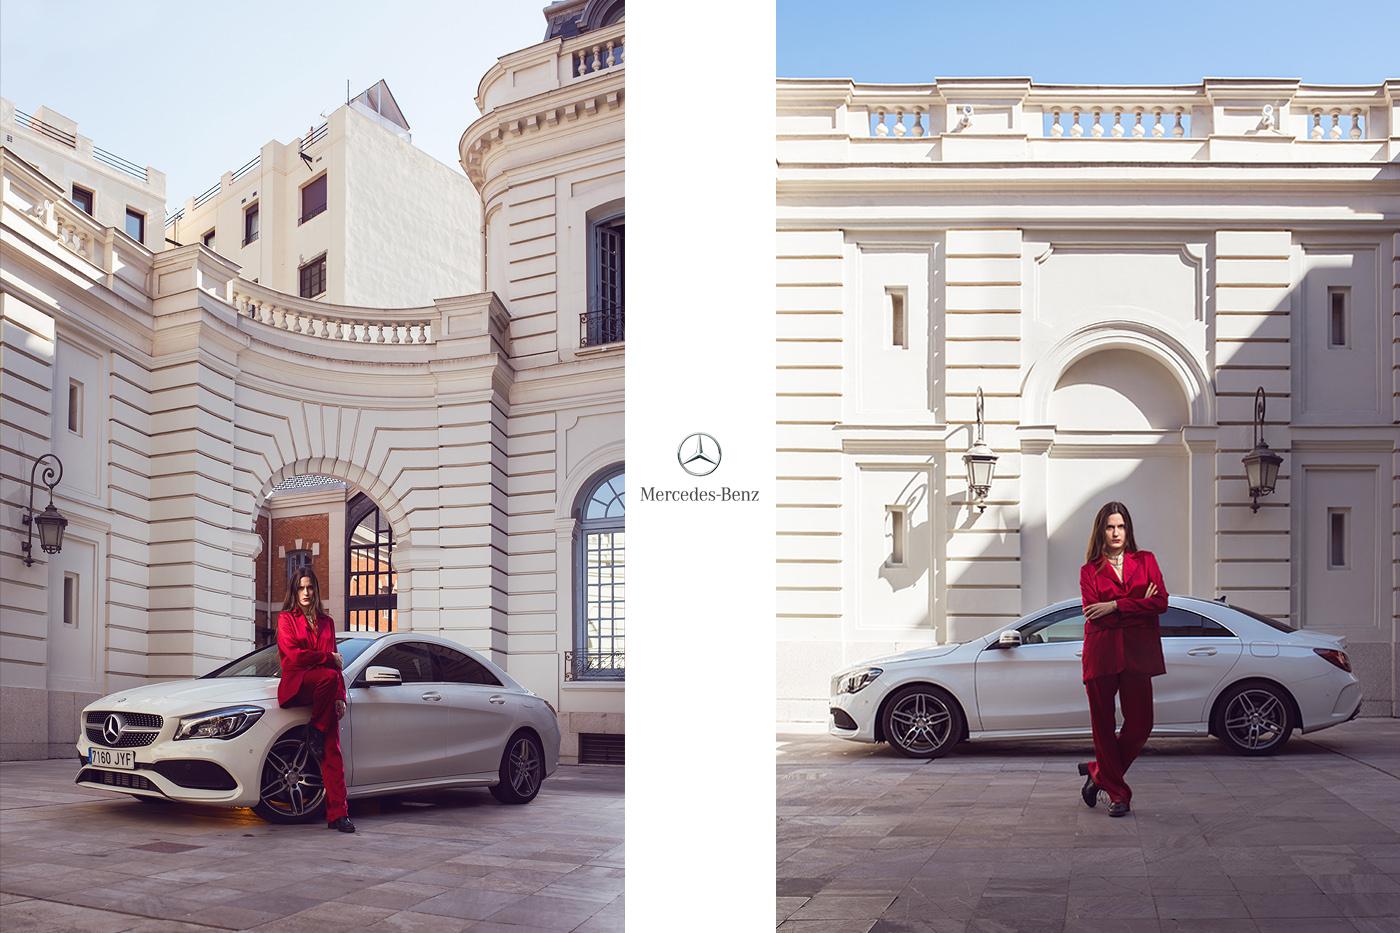 fotografo freelance publicidad coches